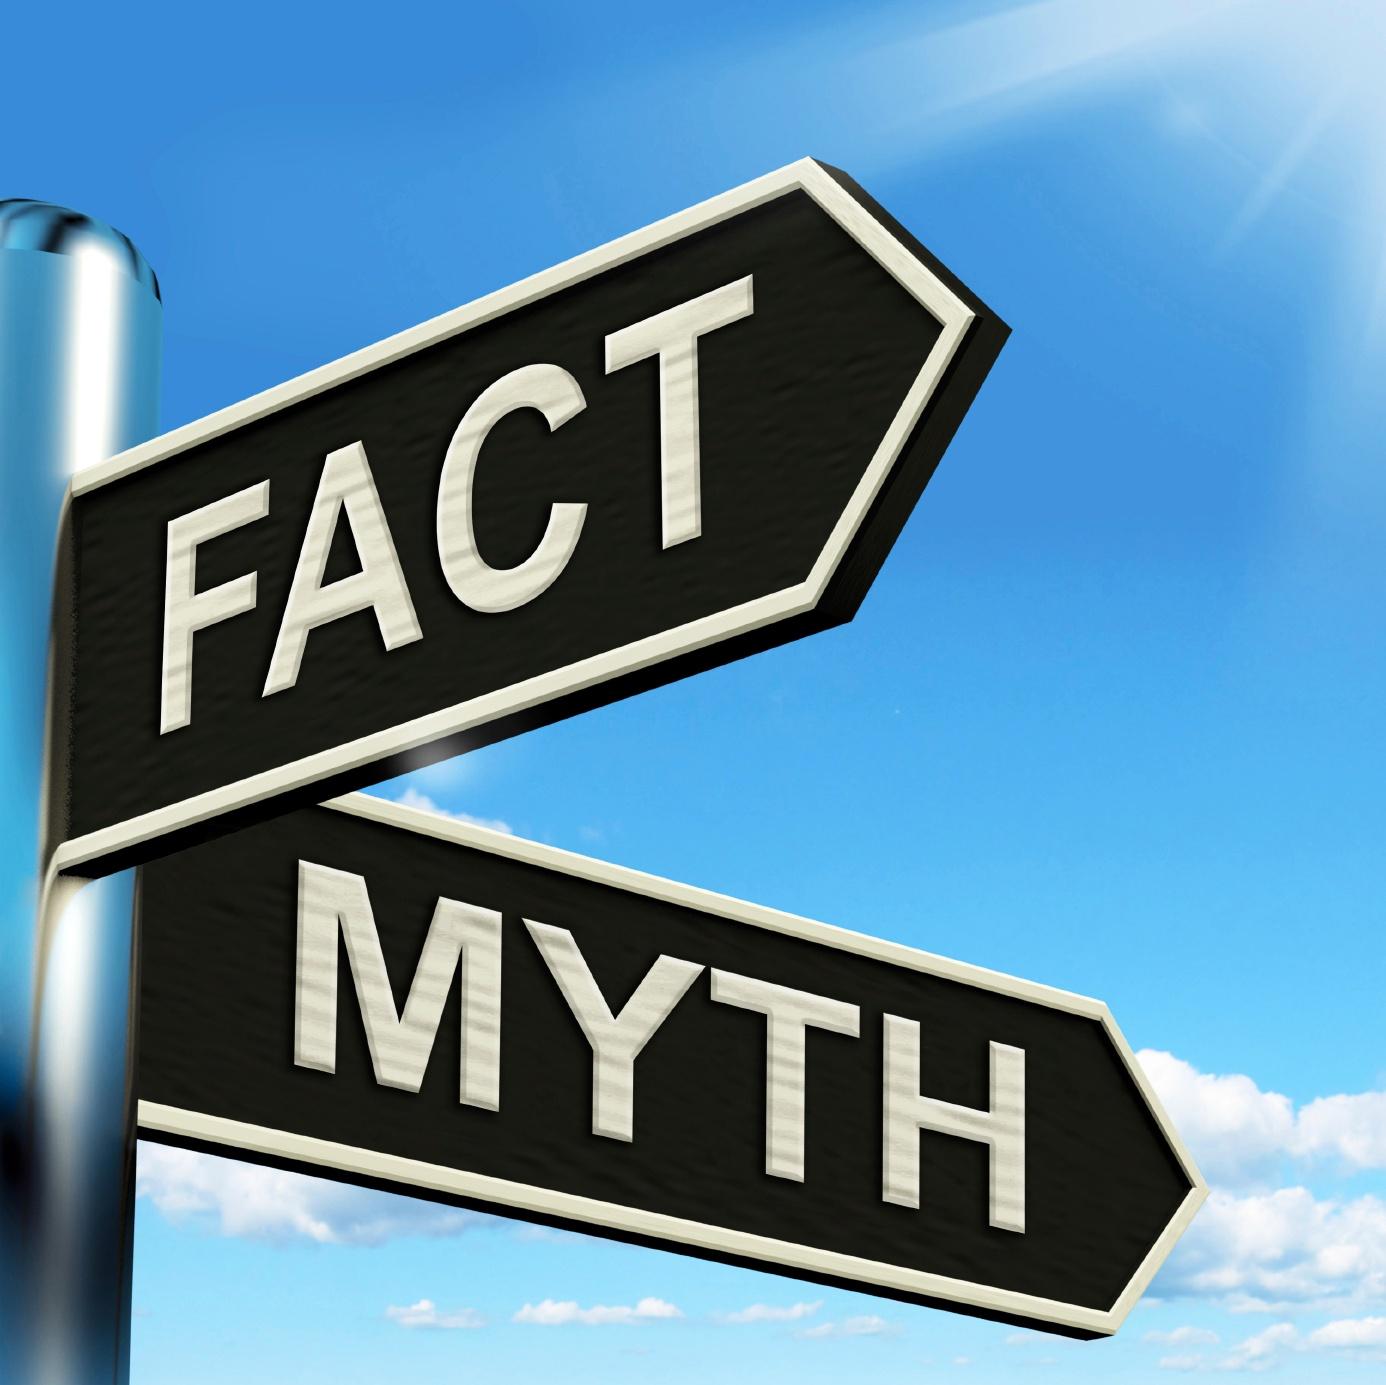 b2b-sales-myths-vs-facts.jpg